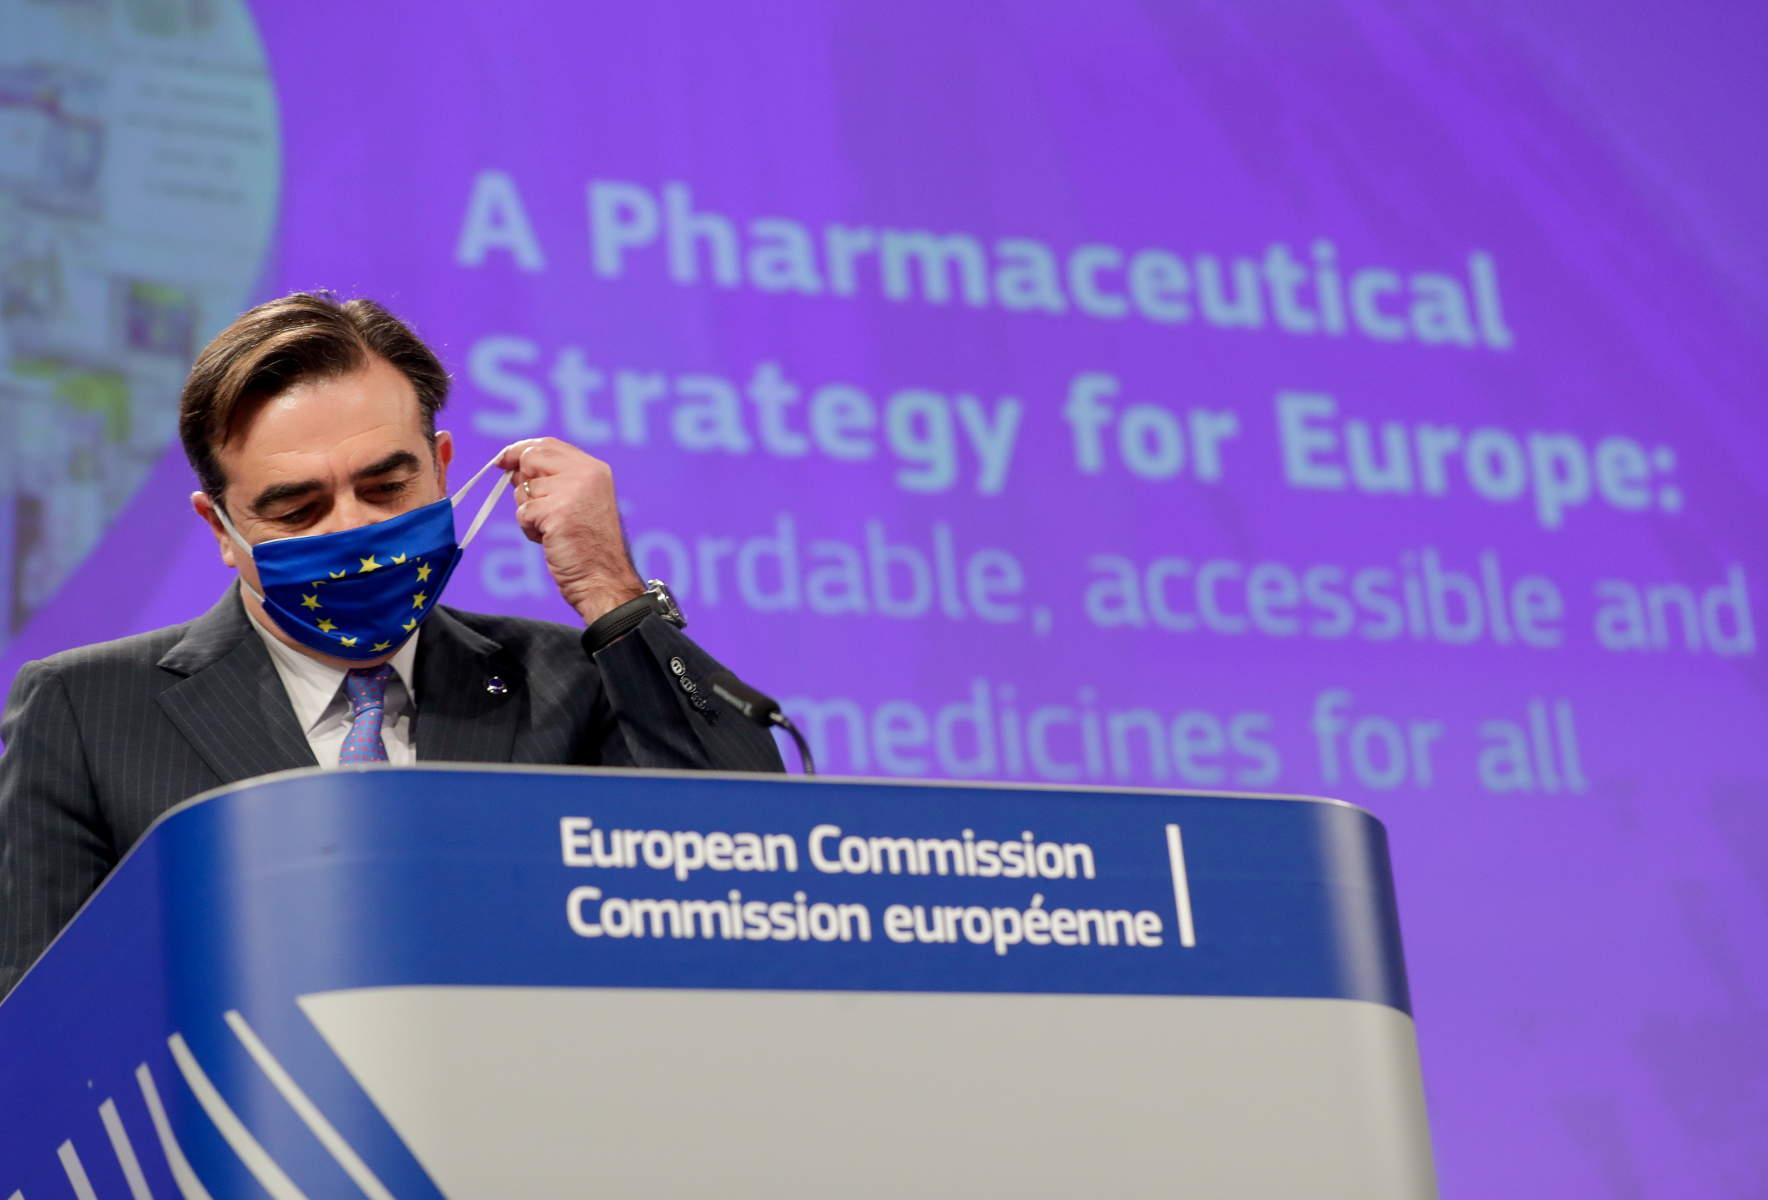 Σχοινάς: Ζωτικής σημασίας για την υγεία και την ευημερία των Ευρωπαίων πολιτών τα εμβόλια